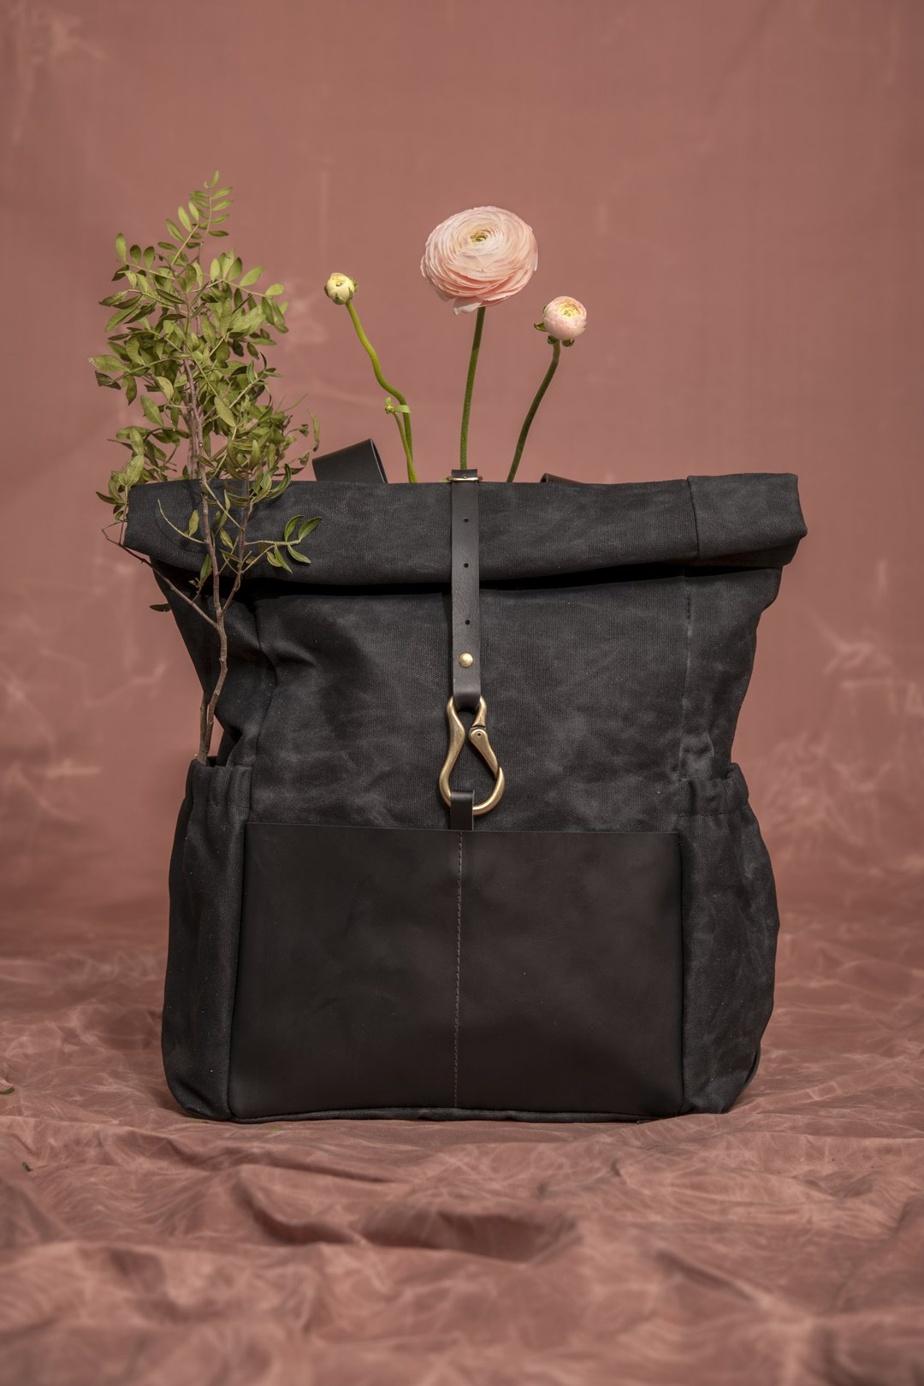 Veinage dessine et fabrique à la main des sacs et autres accessoires mode en utilisant du bois, du cuir et des textiles récupérés.